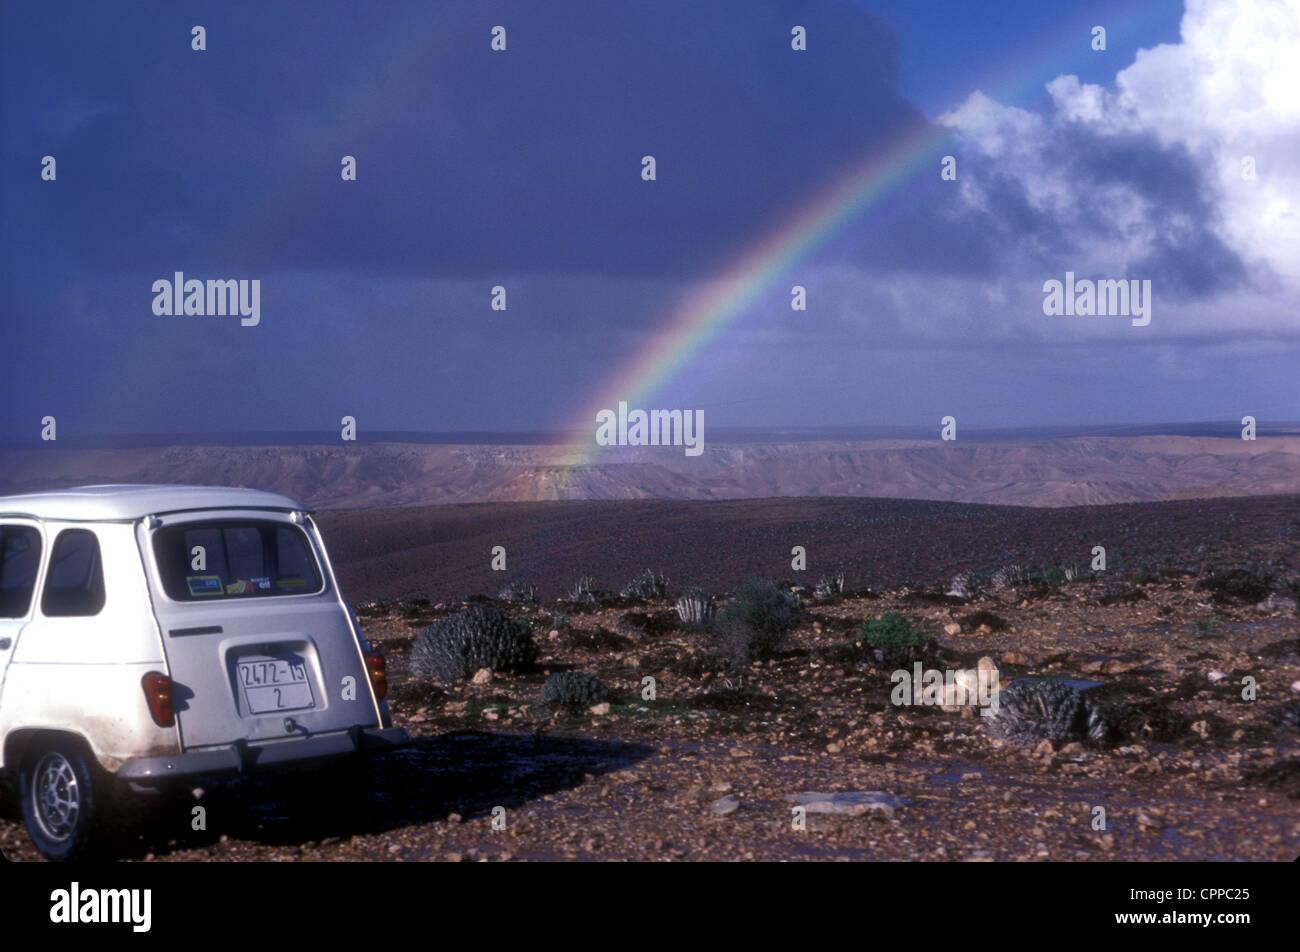 Renault 4 nel Sahara occidentale del Marocco con euphorbia e un arcobaleno Immagini Stock